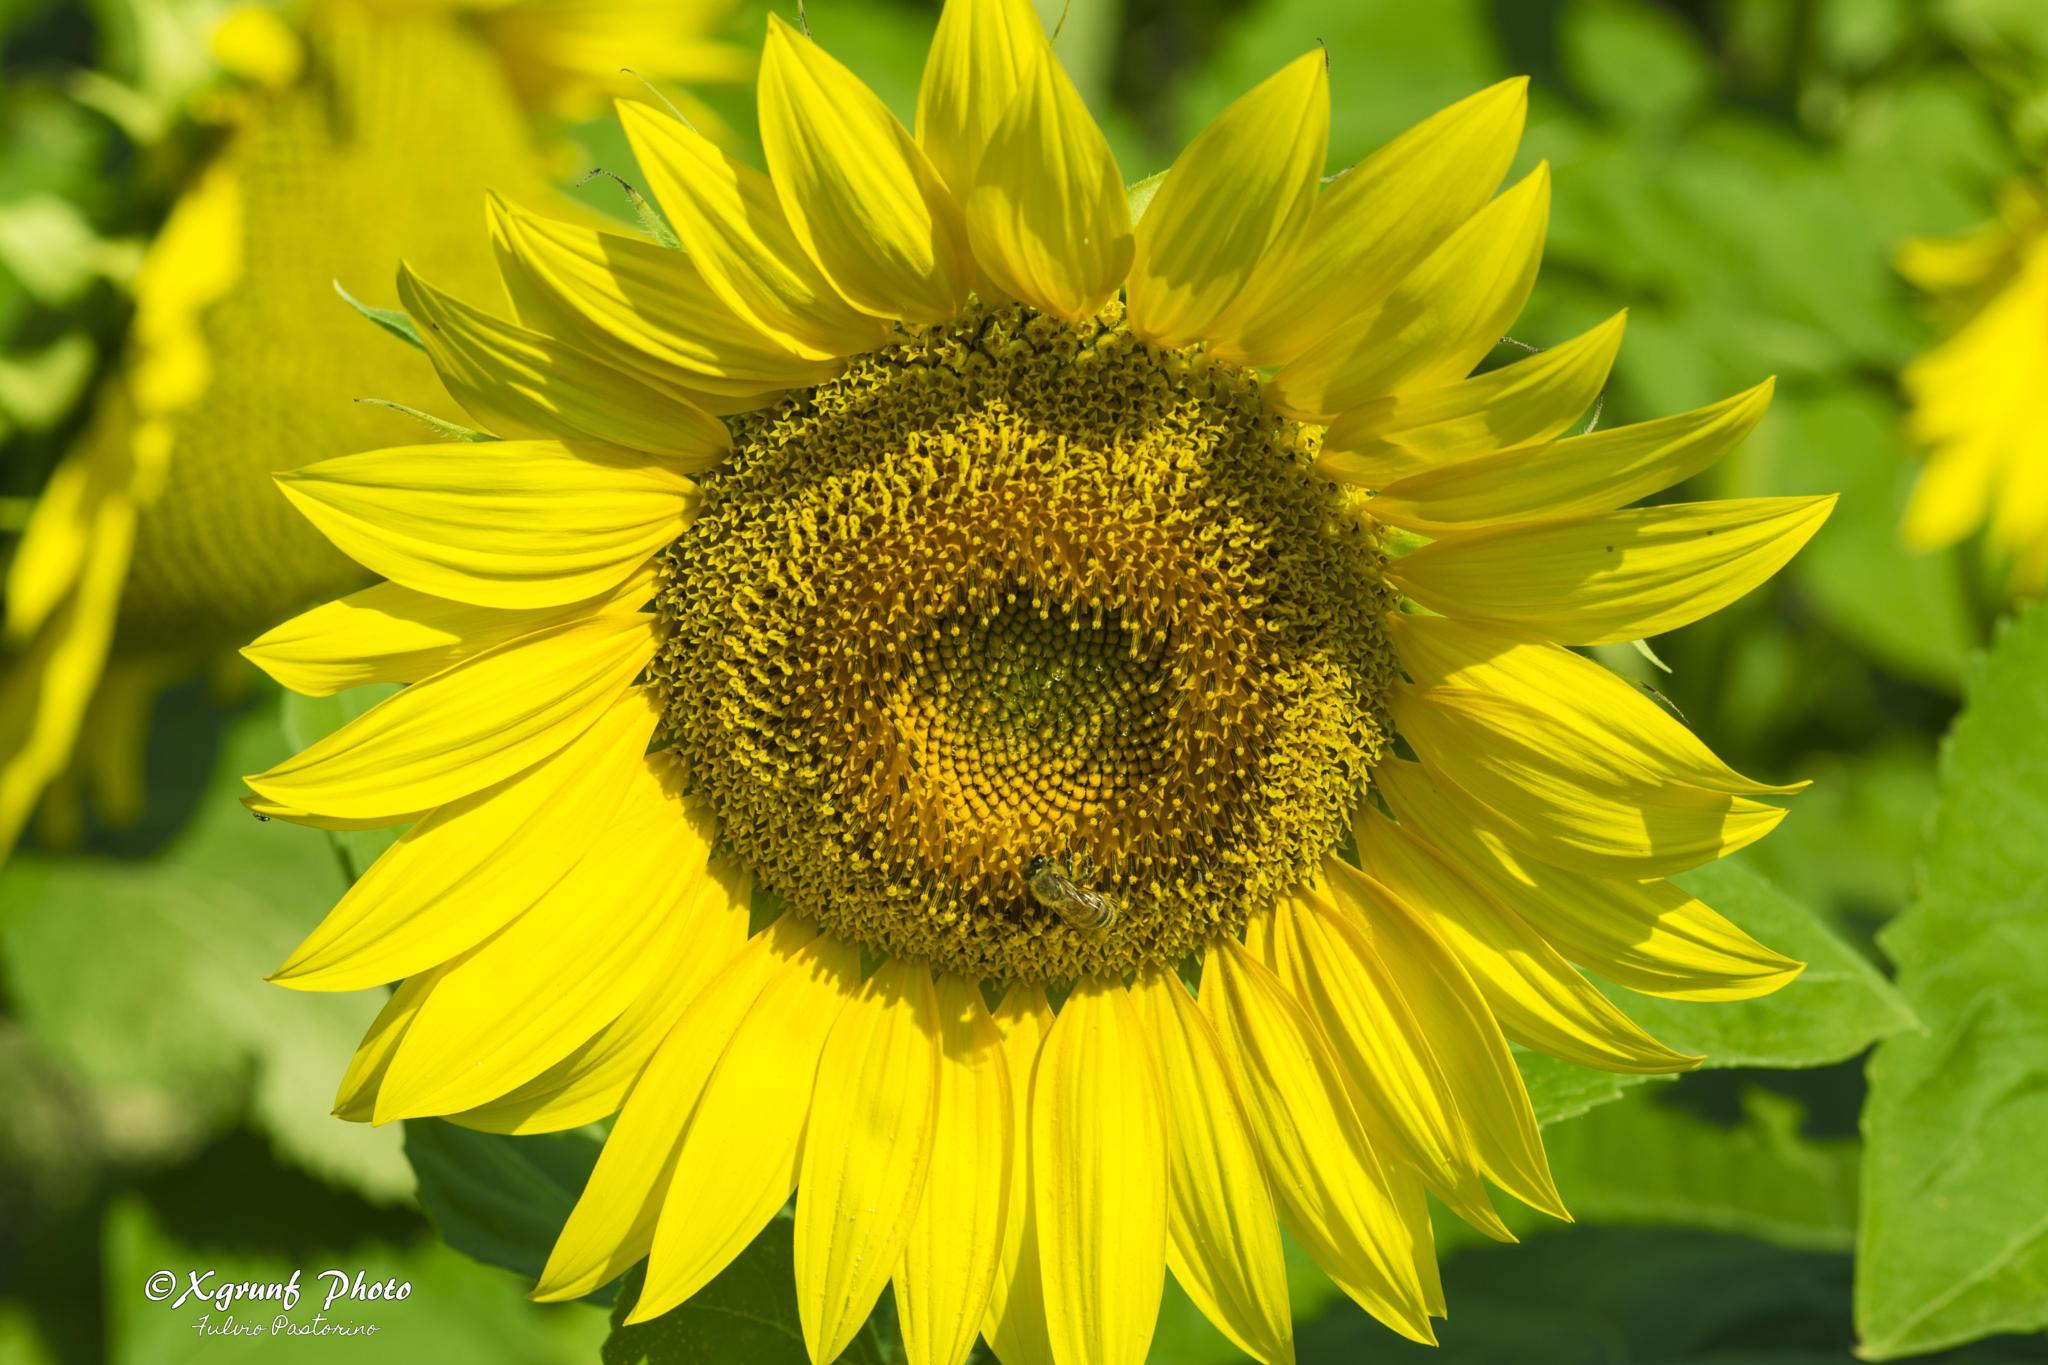 Sunflowers by fulvio.pastorino